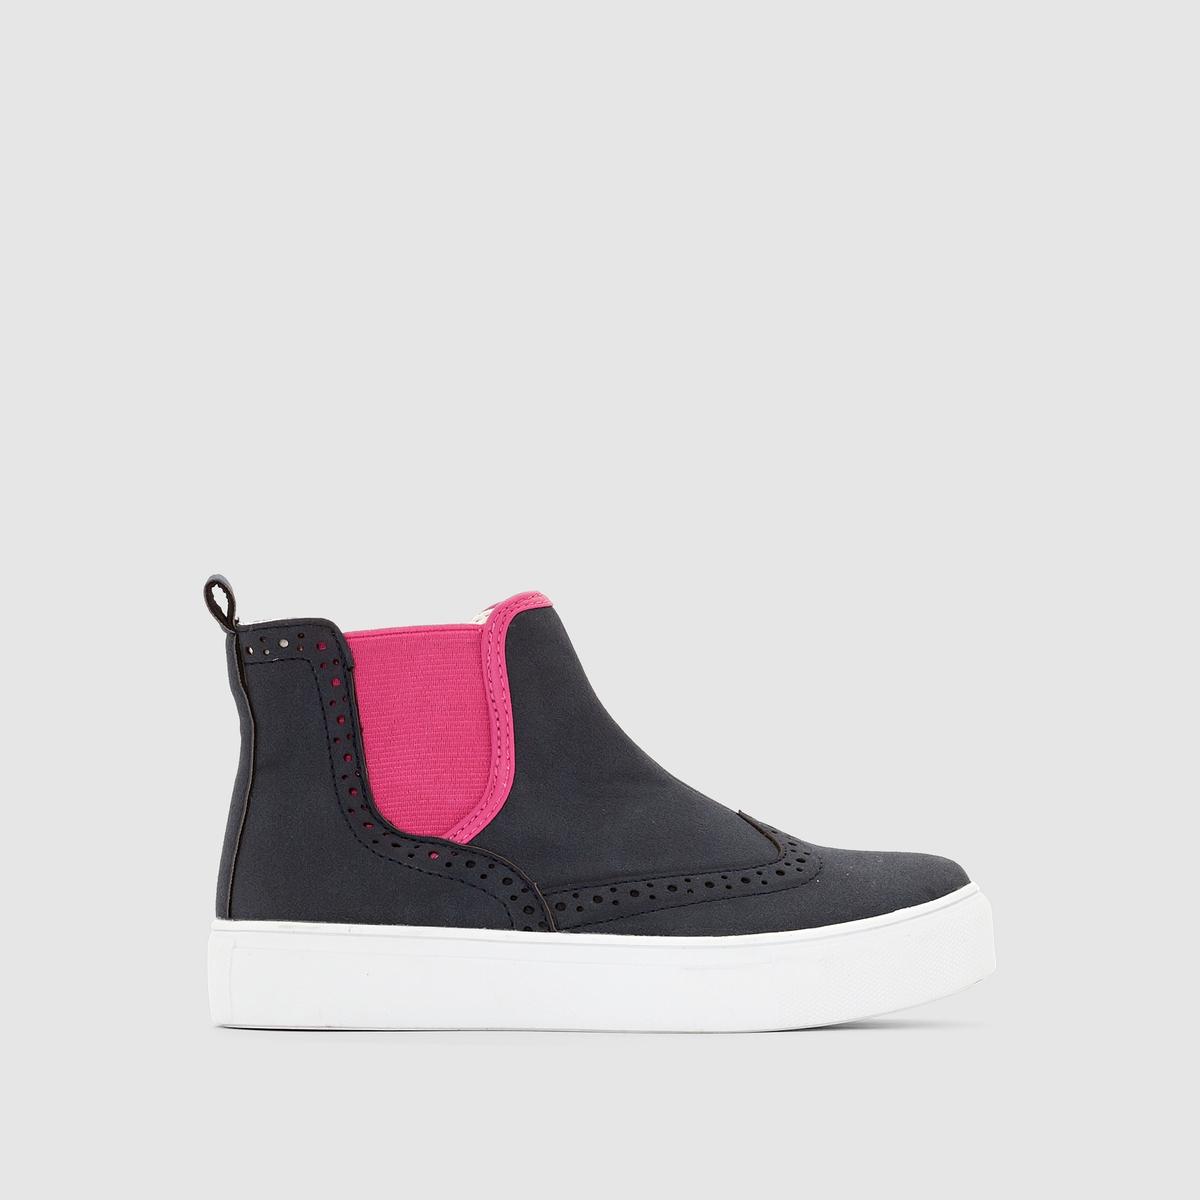 Кеды высокие в стиле челсиВеликолепное сочетание стиля сапог челси и высоких кед с эластичной контрастной вставкой и перфорацией: обувь, которая пропитана комфортом и стилем, подарит вашим детям радость !<br><br>Цвет: темно-синий  + розовый